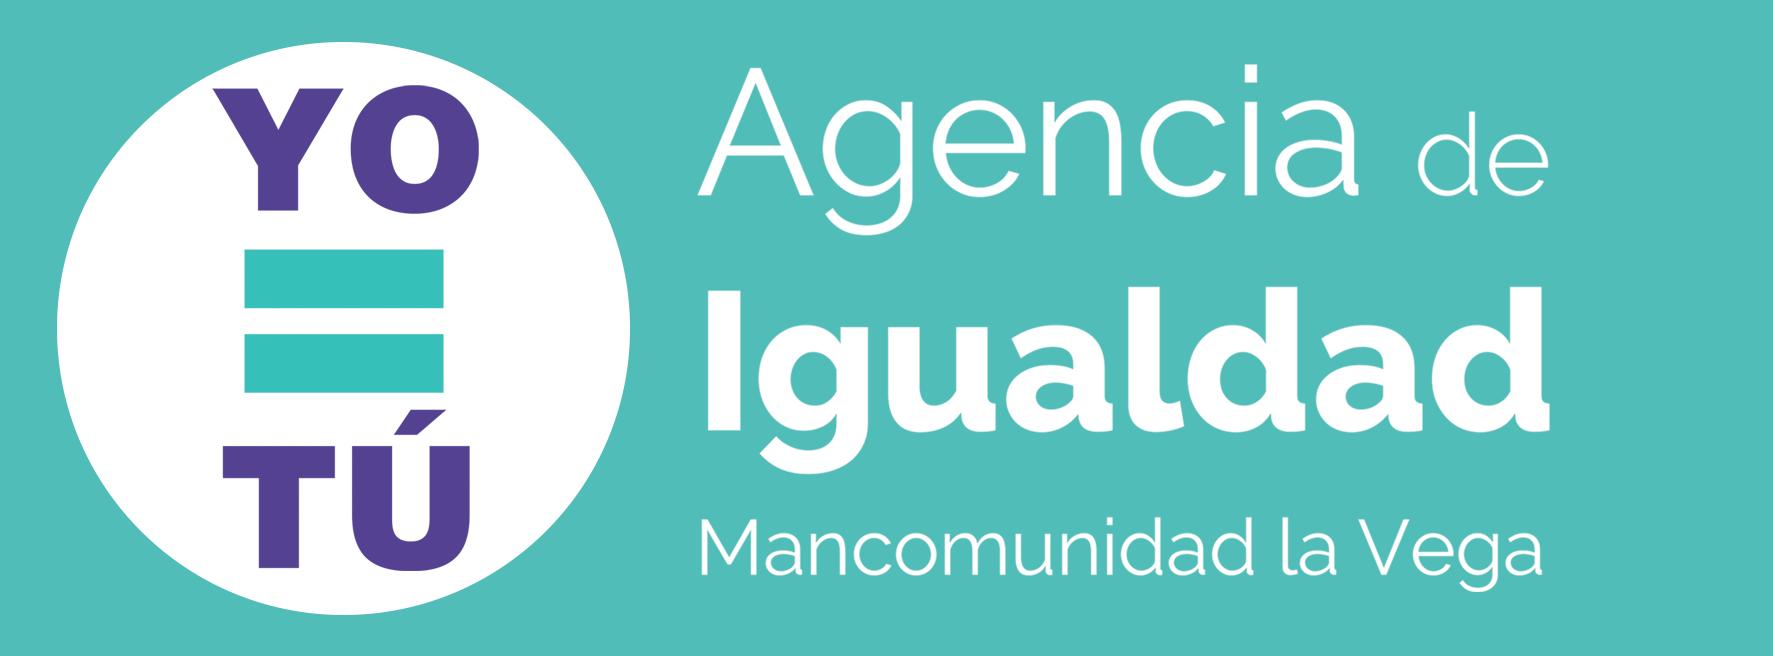 Agencia de Igualdad MLV